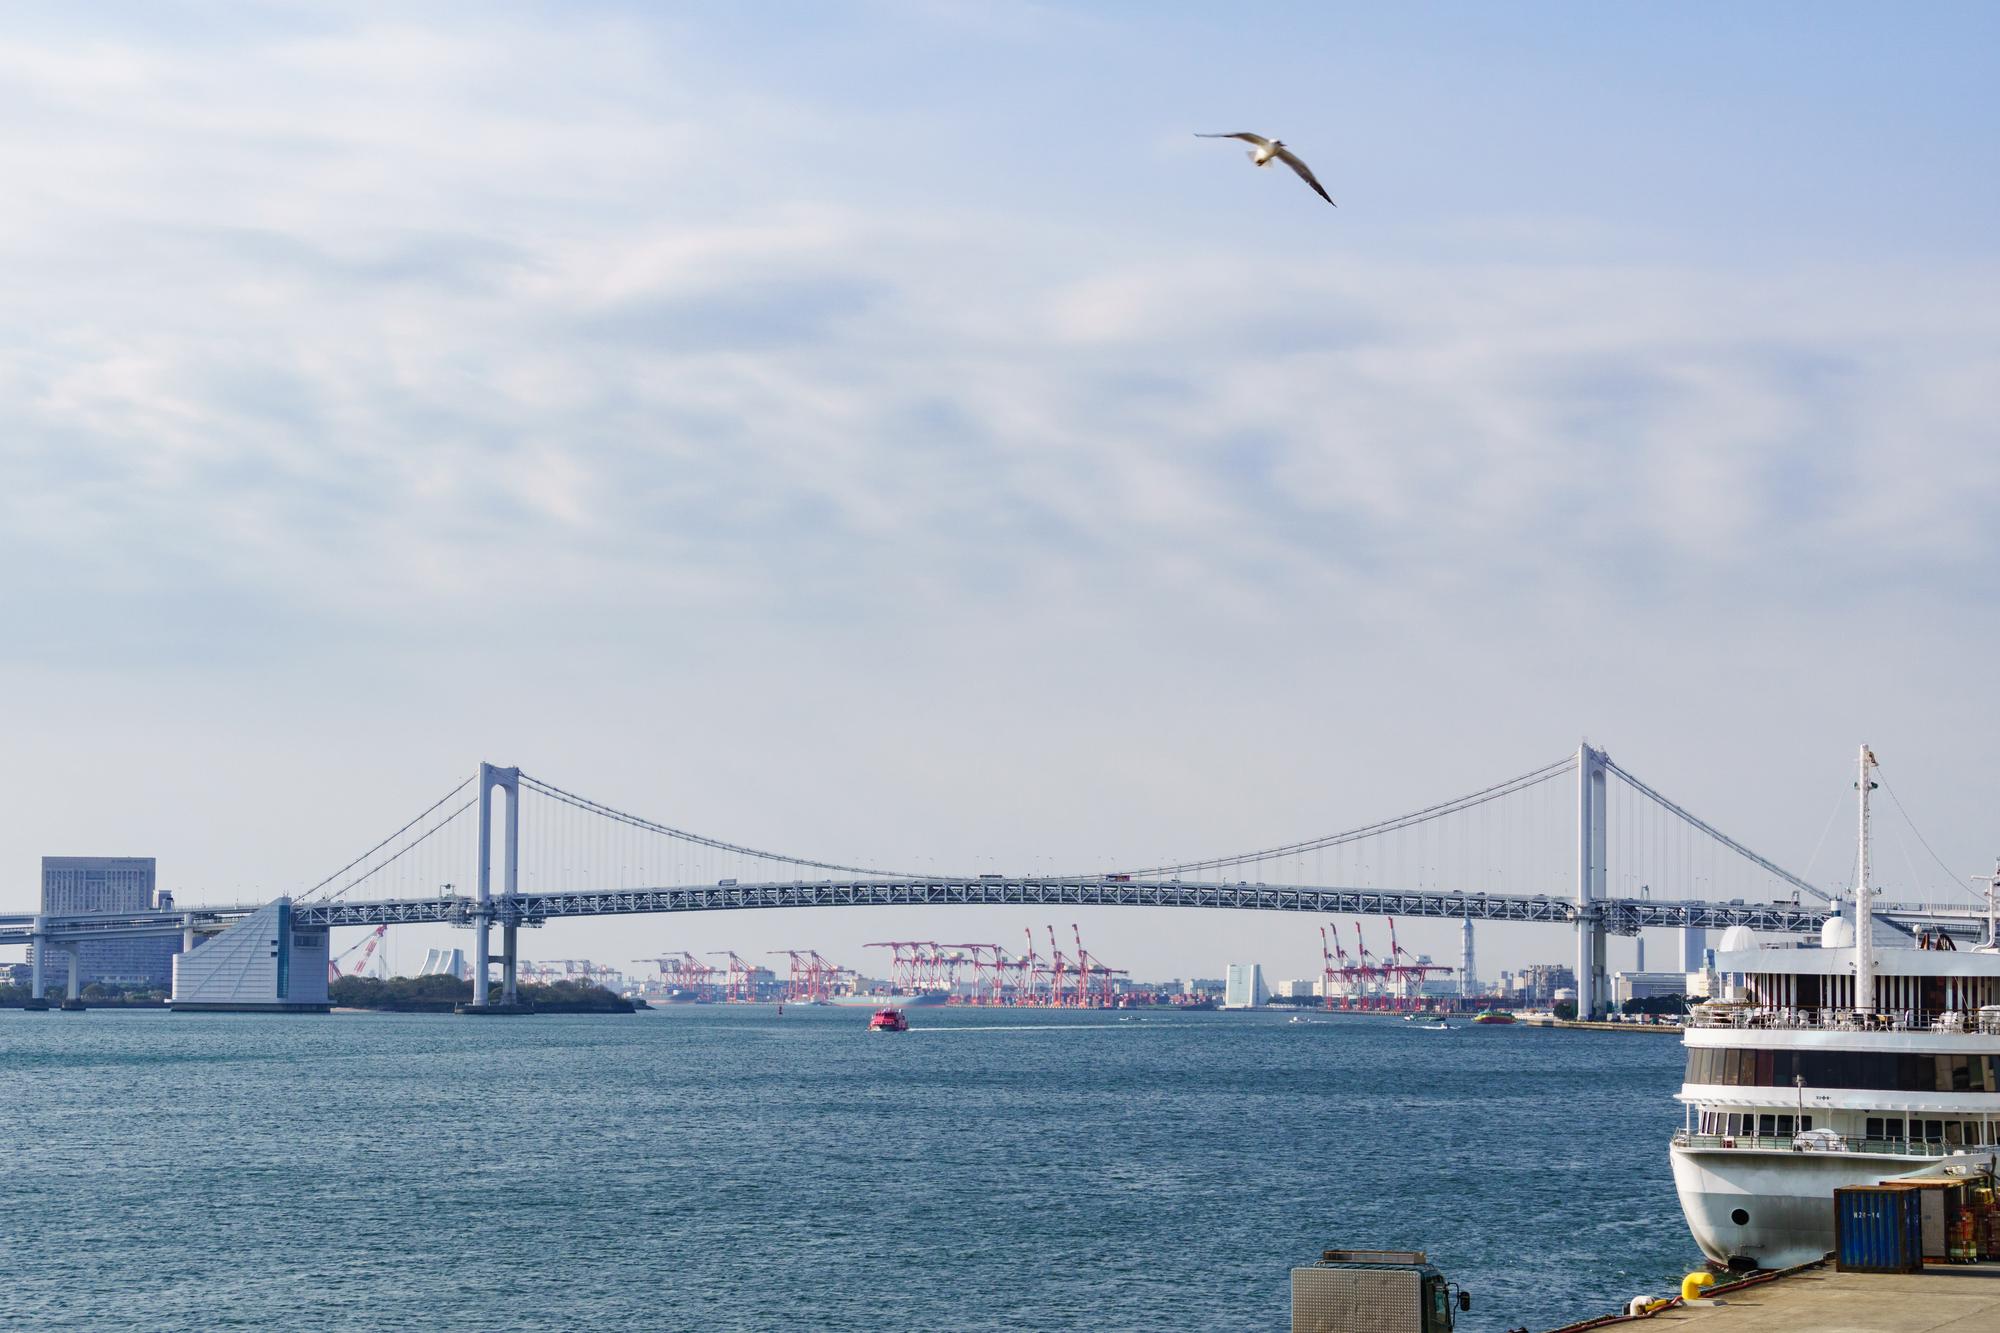 船着場から眺めるレインボーブリッジ